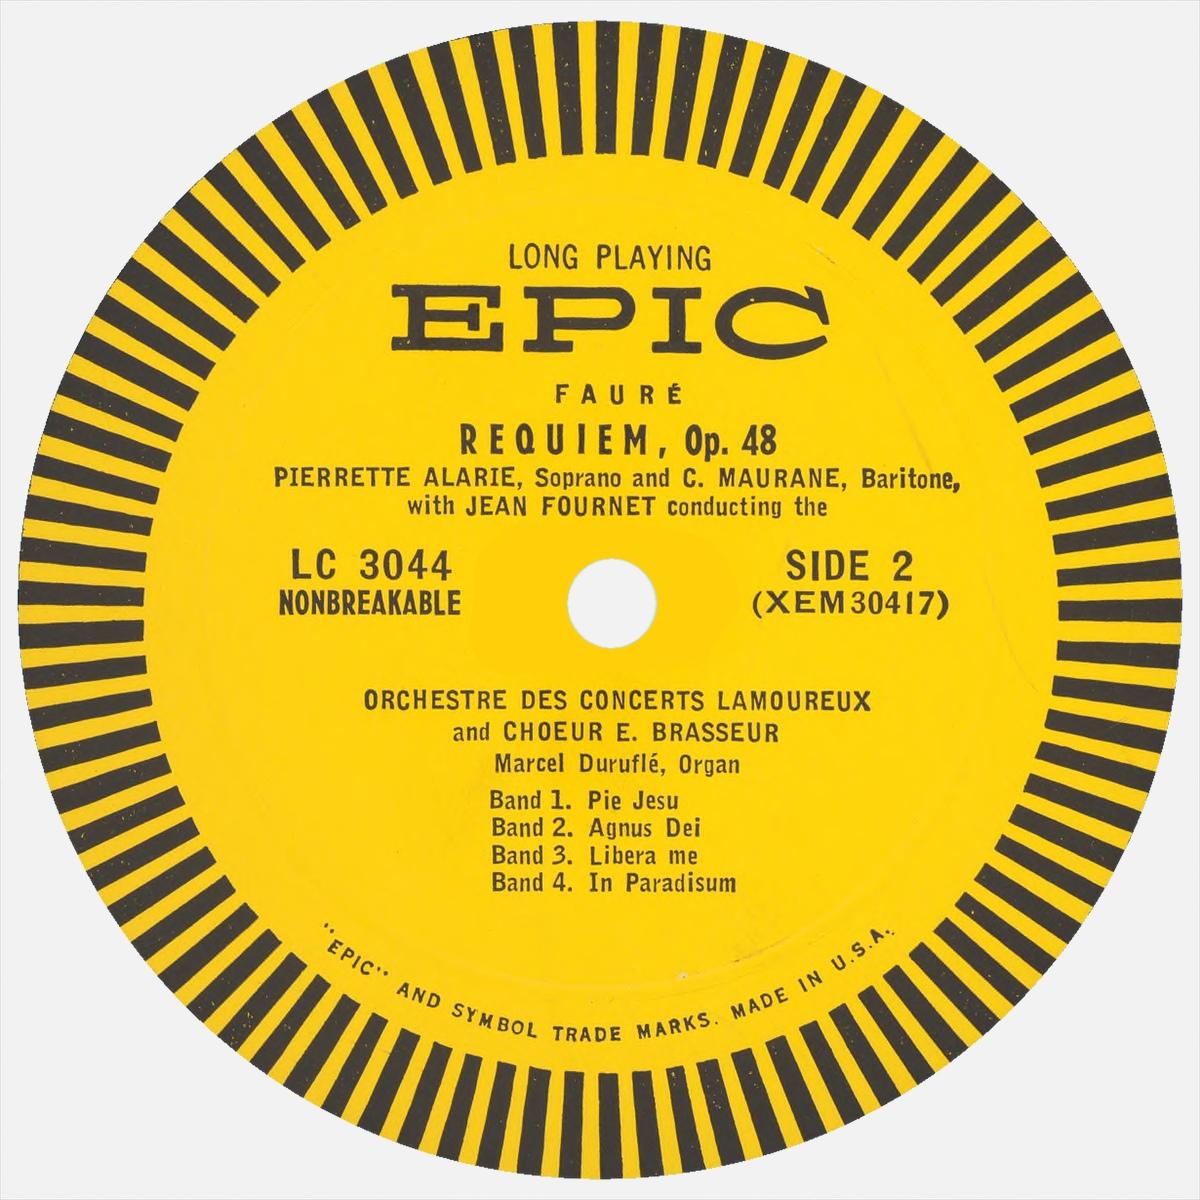 Étiquette verso du disque EPIC LC 3044